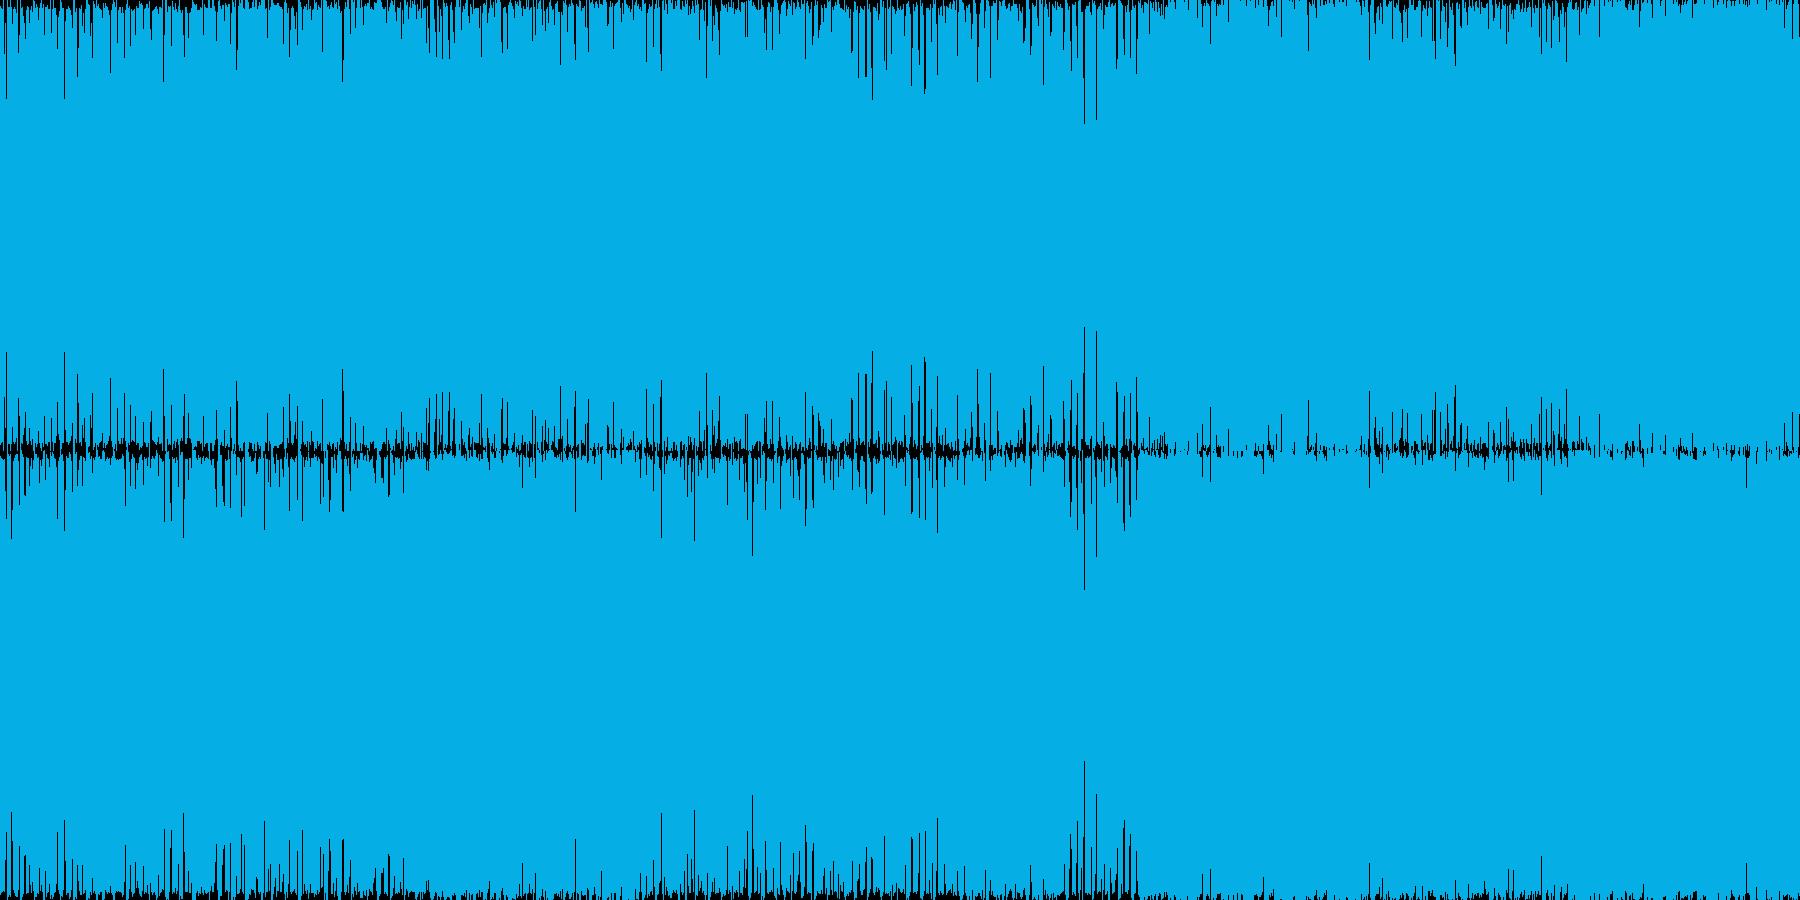 ノリノリのレイブサウンドのイメージです。の再生済みの波形